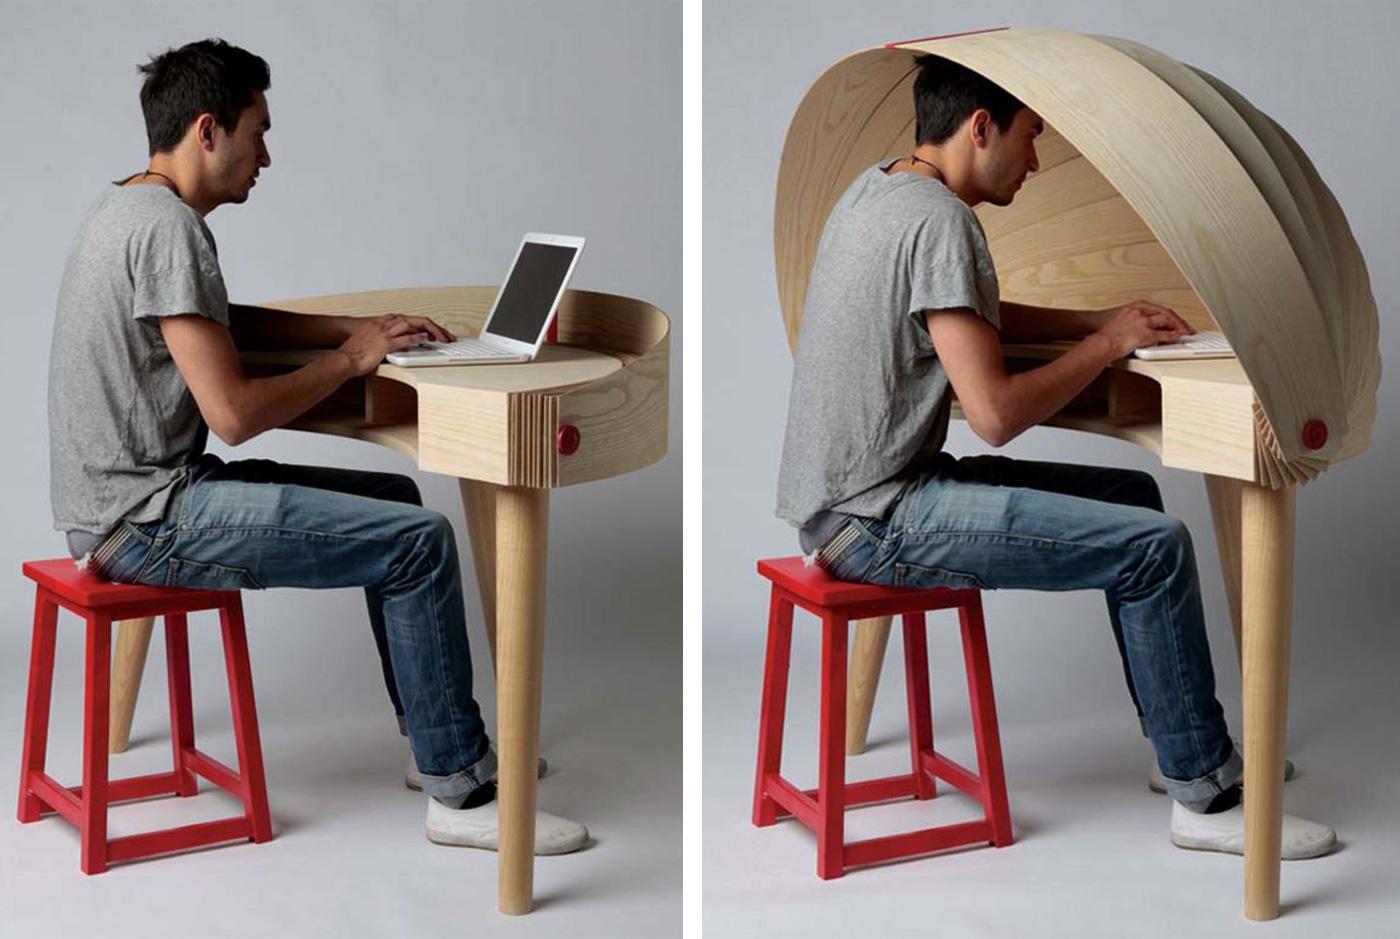 Coolest Desk our round-up of creative work desks - plain magazine